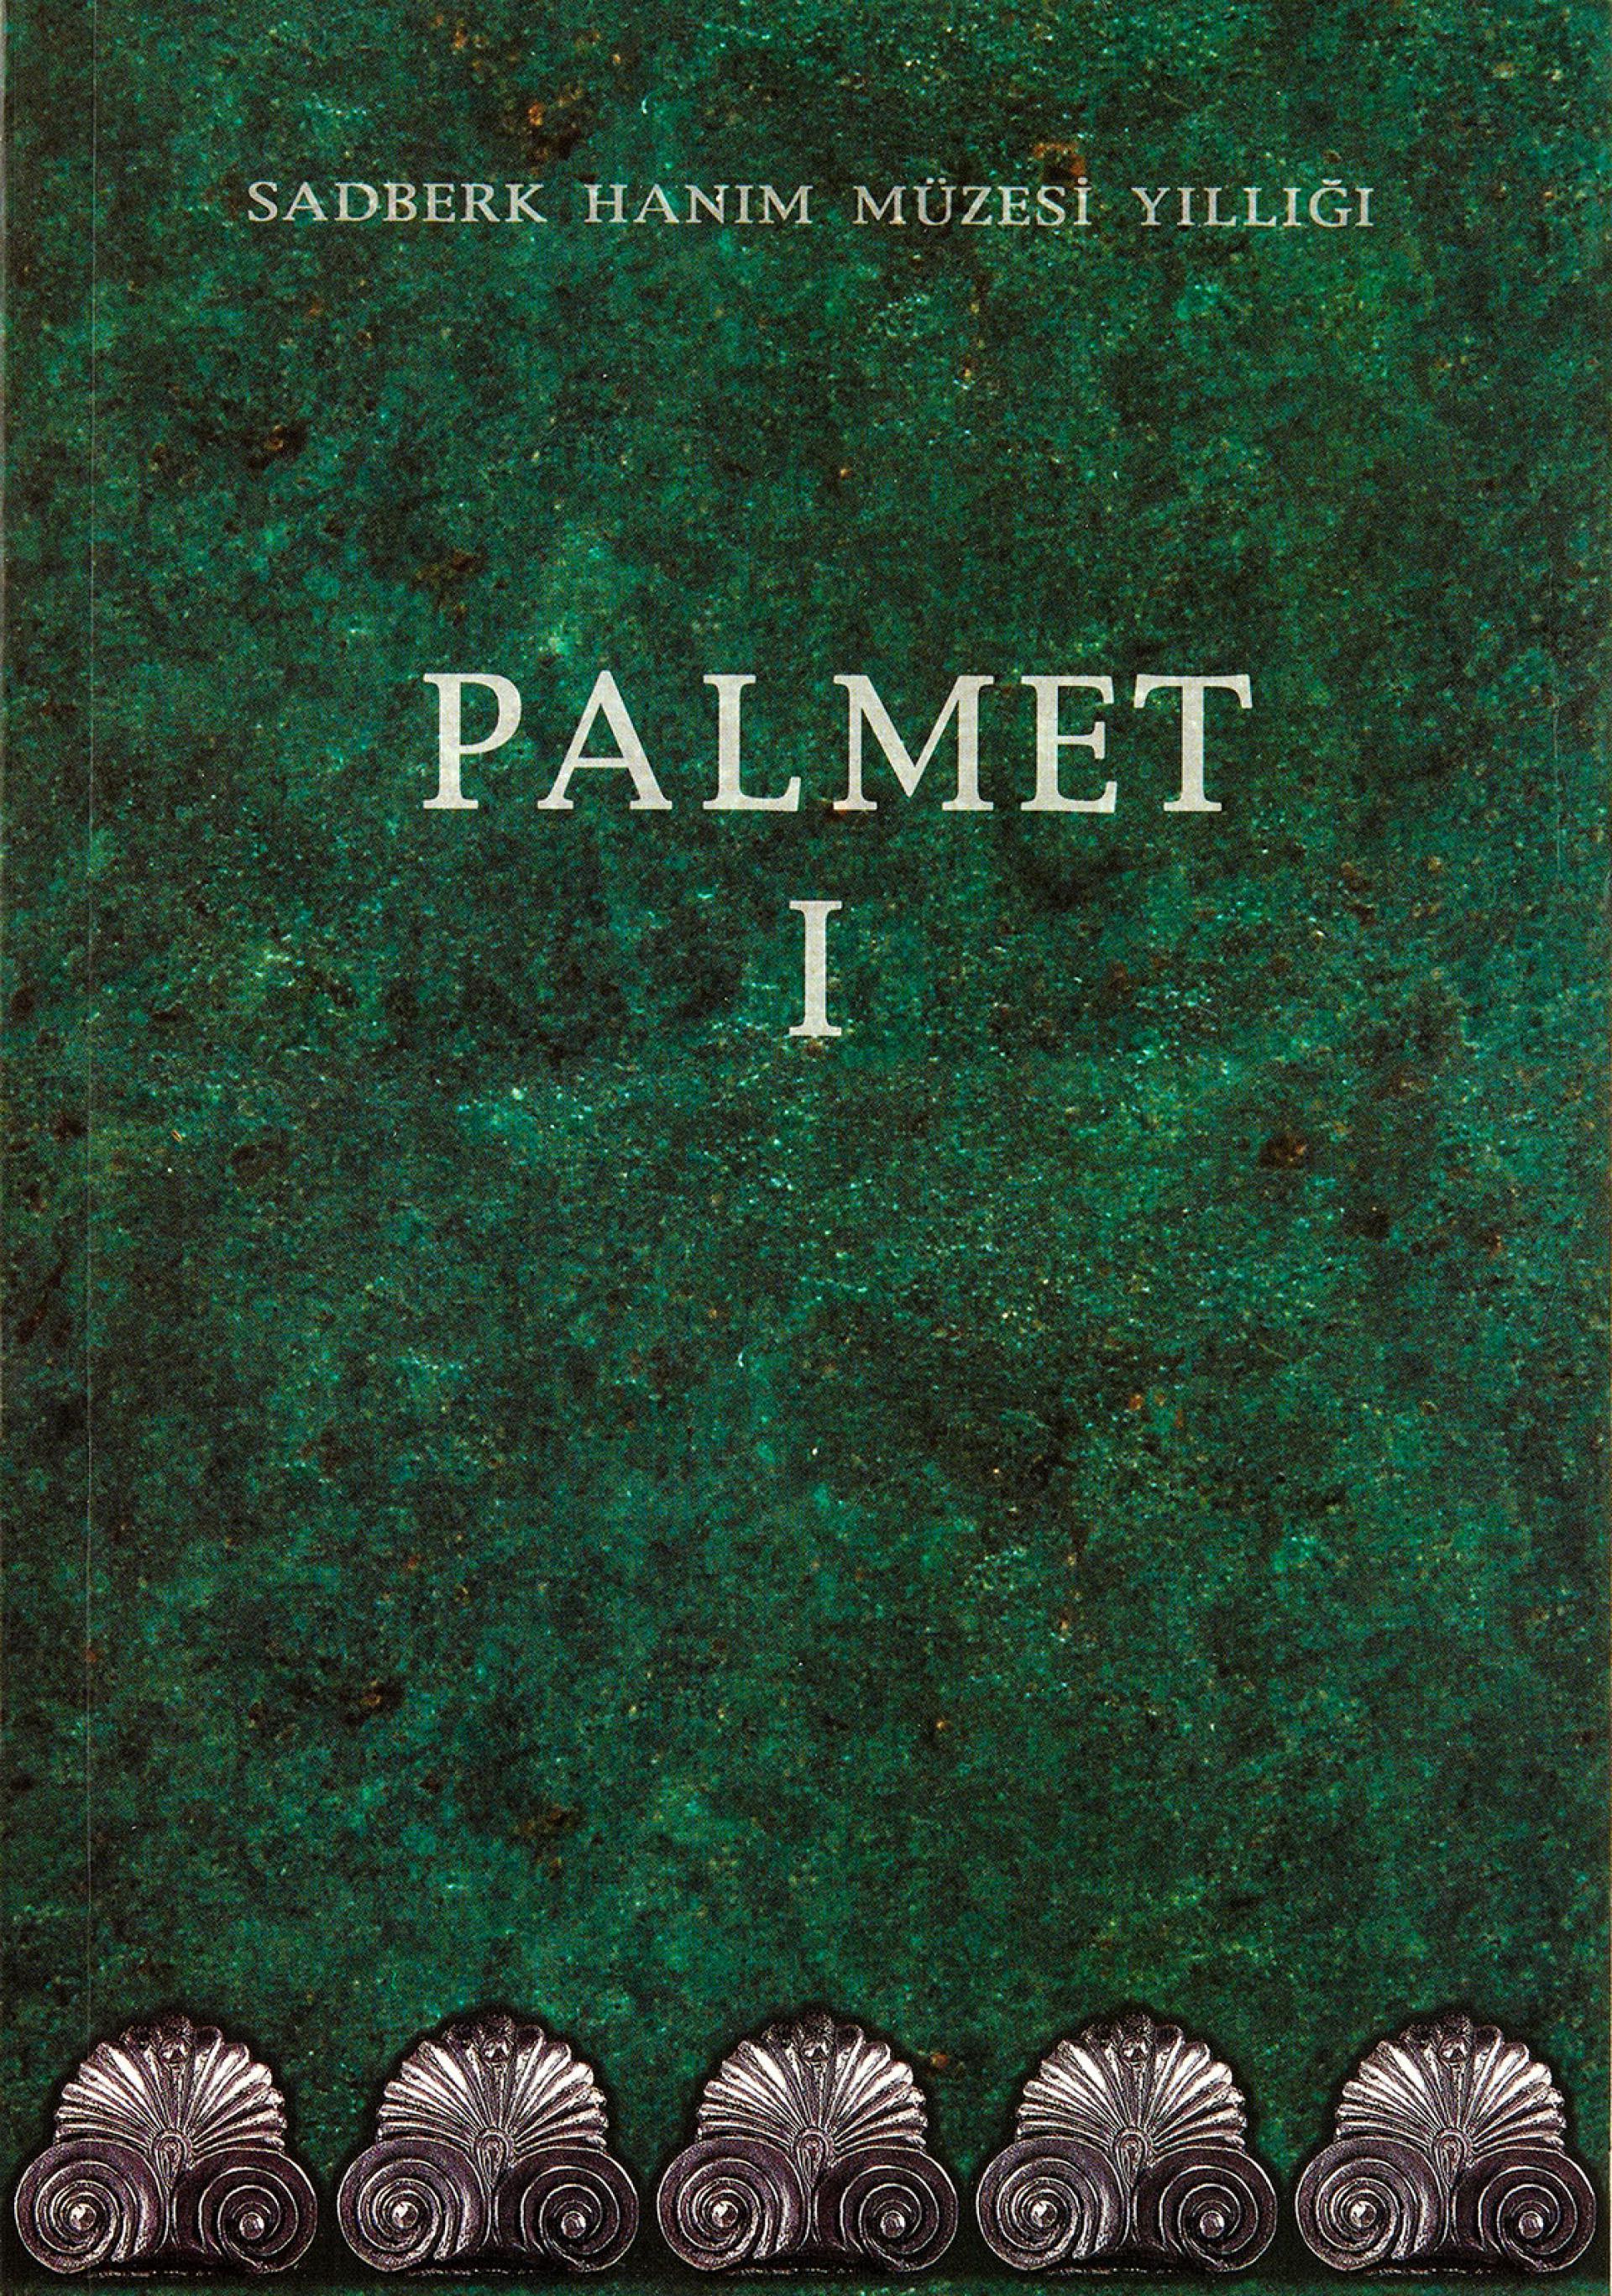 Palmet I - Sadberk Hanım Müzesi Yıllığı - BOOKS - Sadberk Hanım Museum